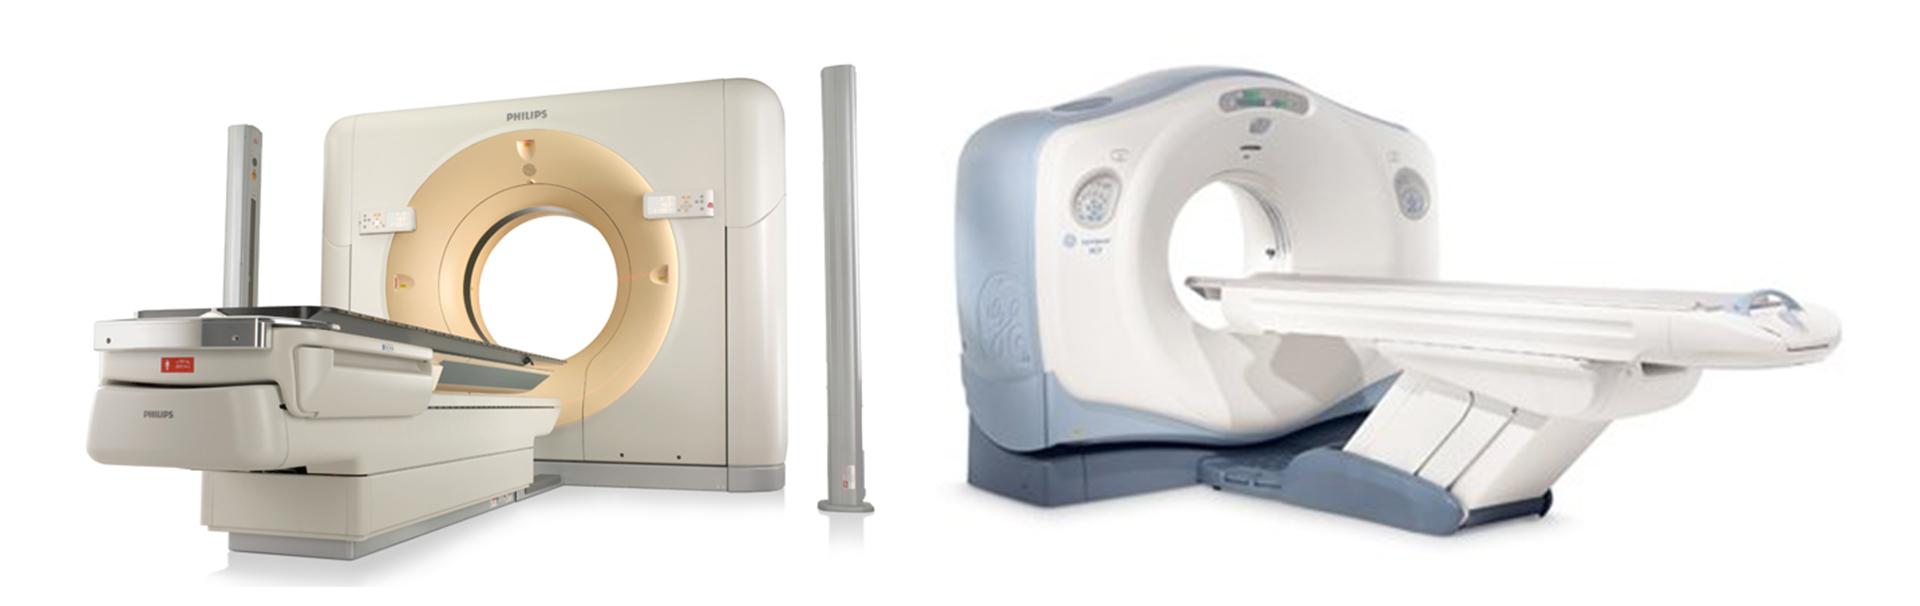 64 vs 256 vs 320 slice ct scanners